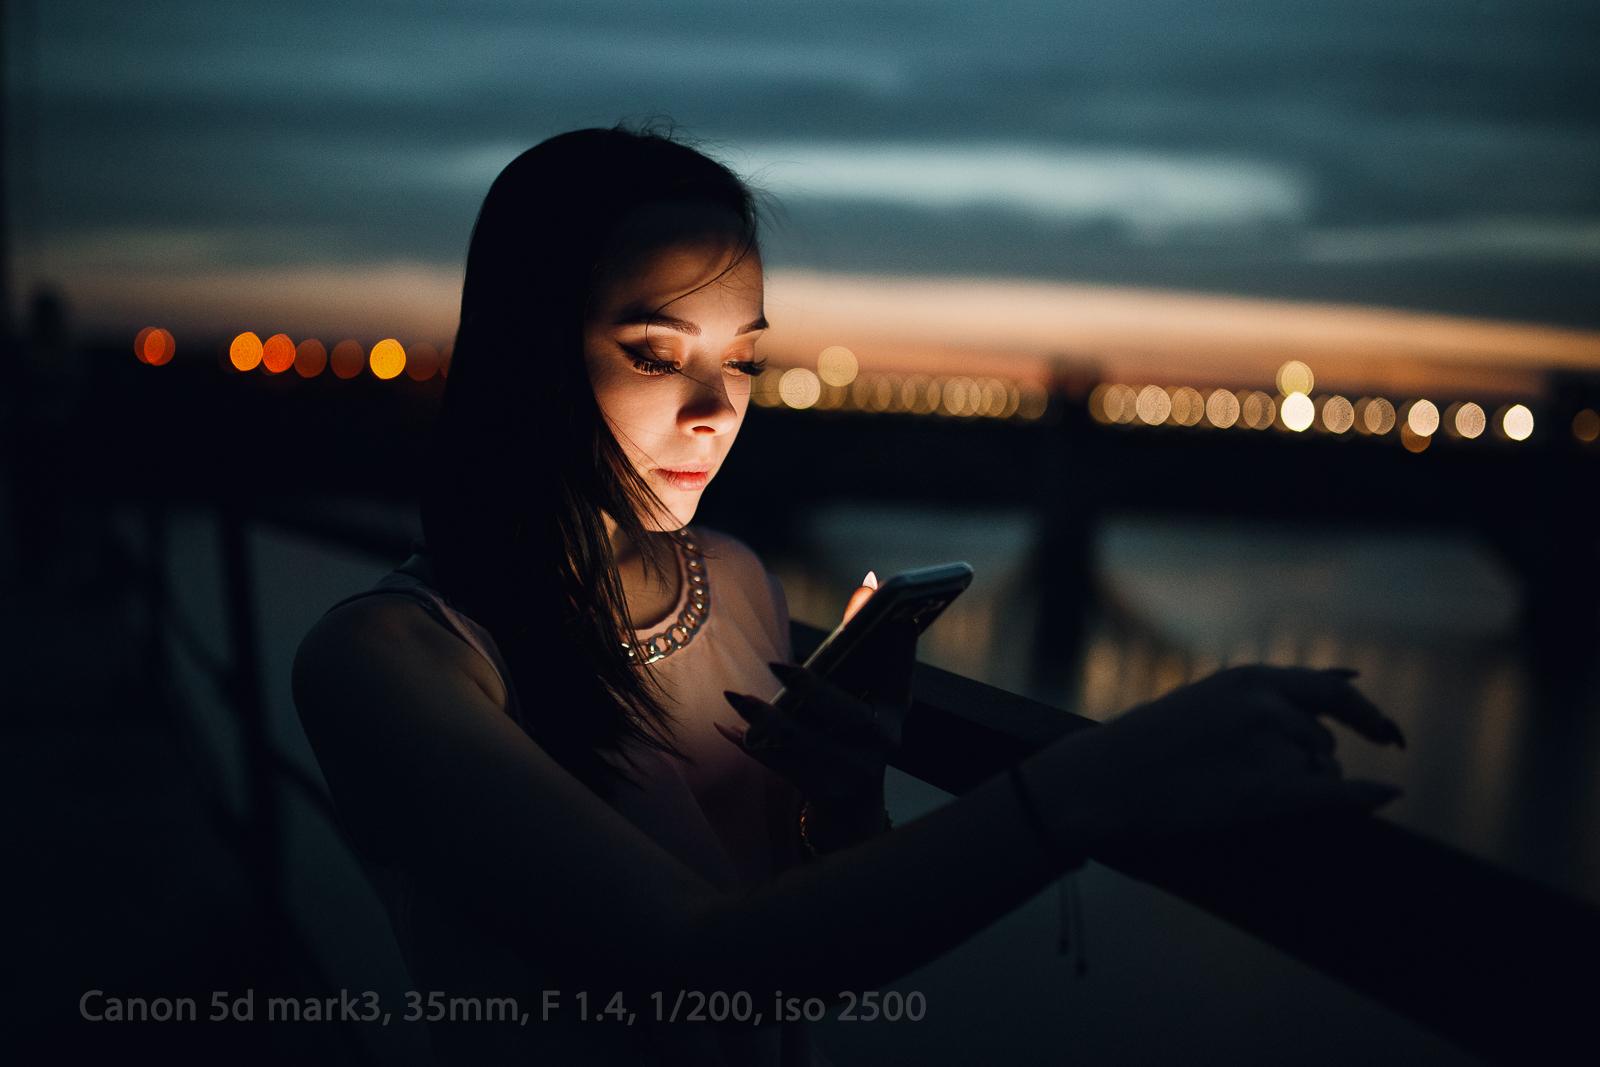 украинским бизнесменам как фотографировать в темное время суток людей проявленных